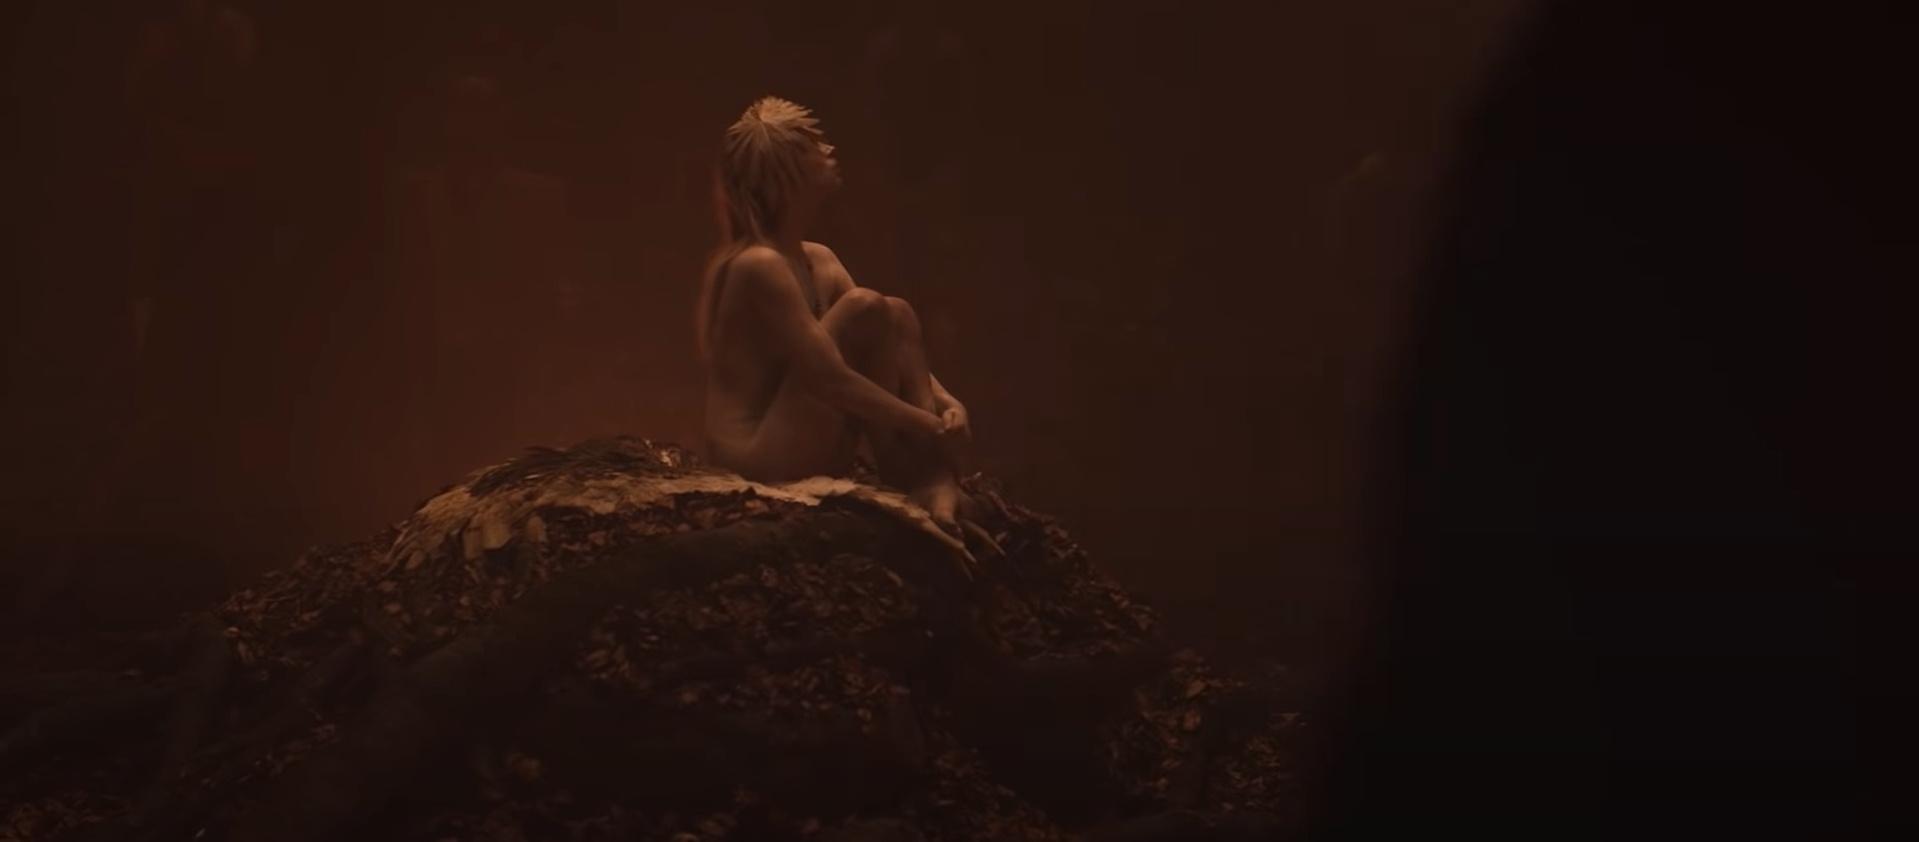 Вышел тизер мистического мини-сериала Netflix «Равноденствие»